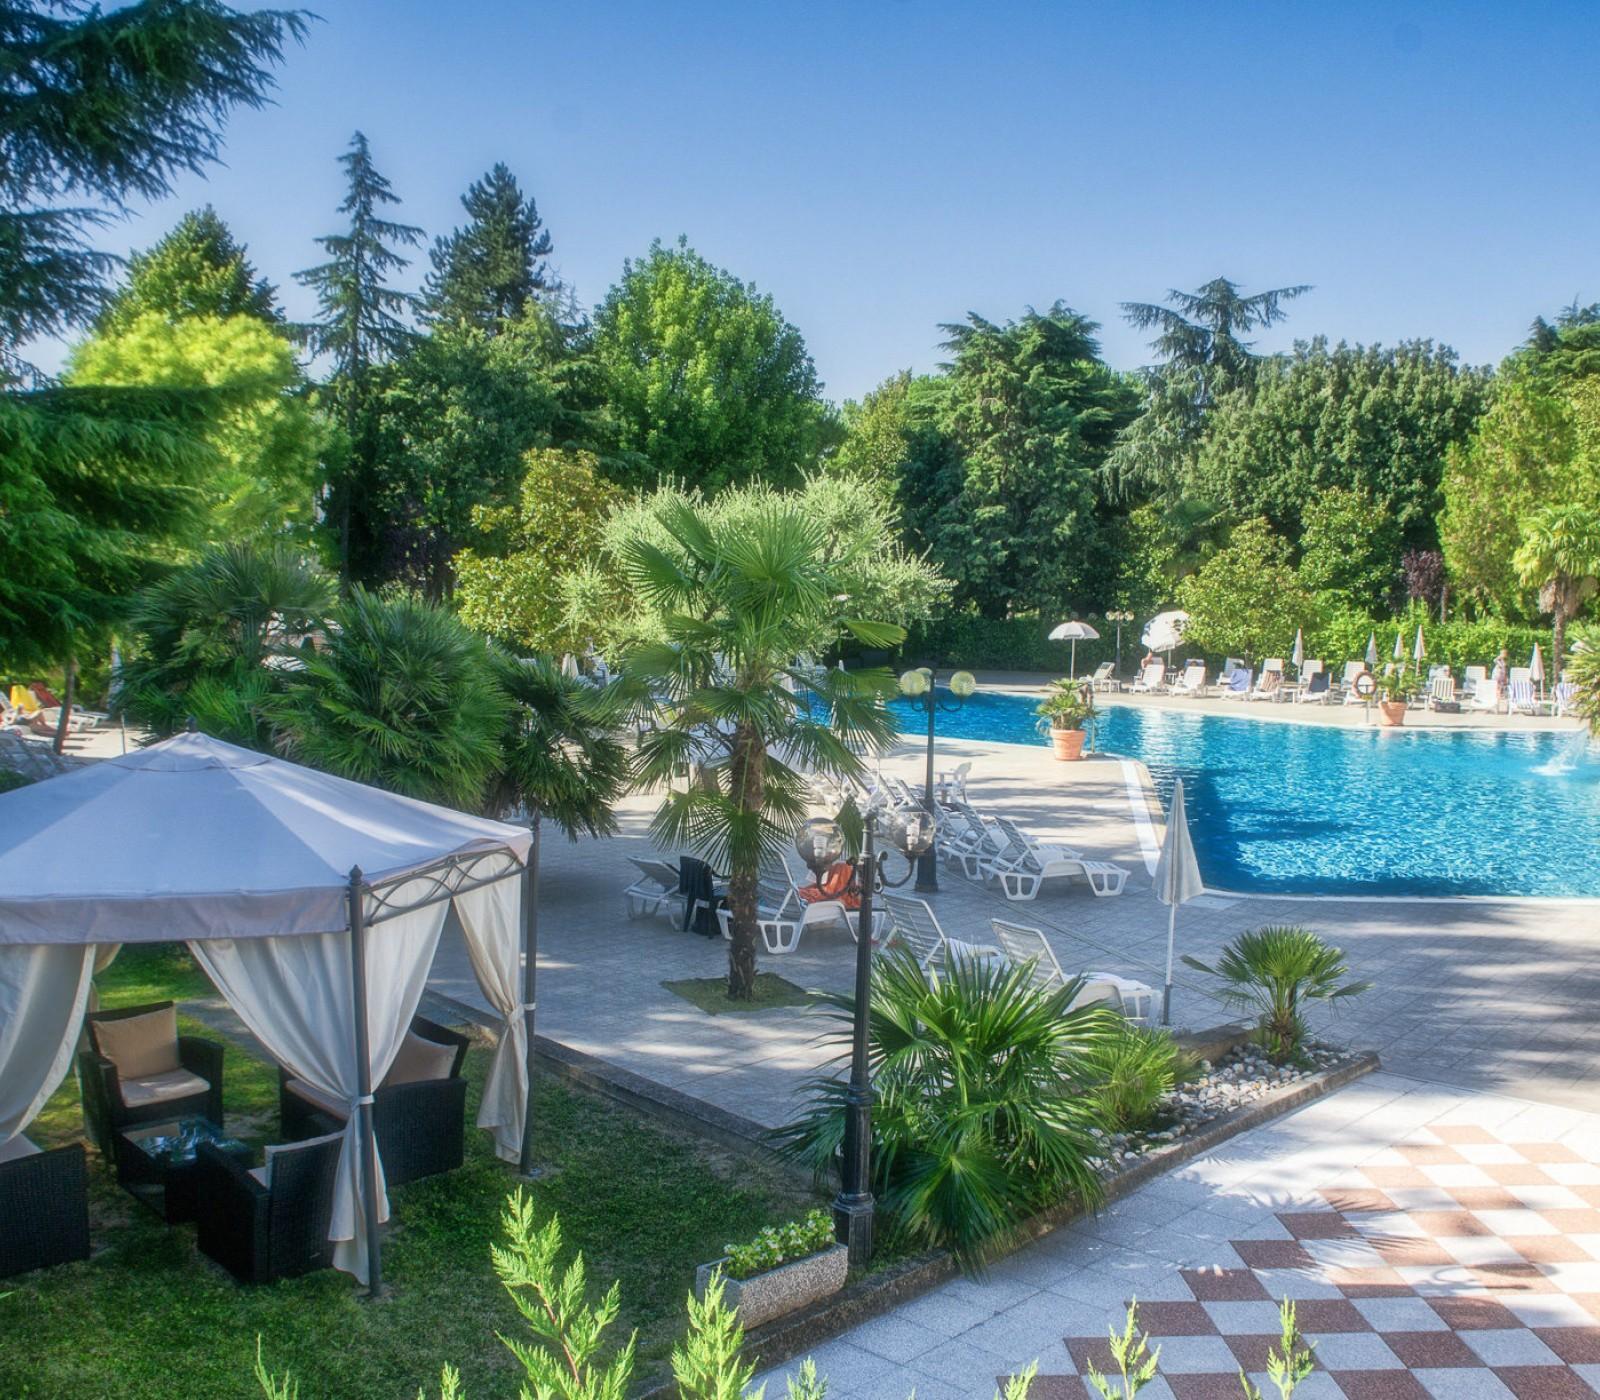 Piscina acqua termale abano hotel con piscina abano terme hotel terme internazionale ad abano - Hotel con piscina termale toscana ...